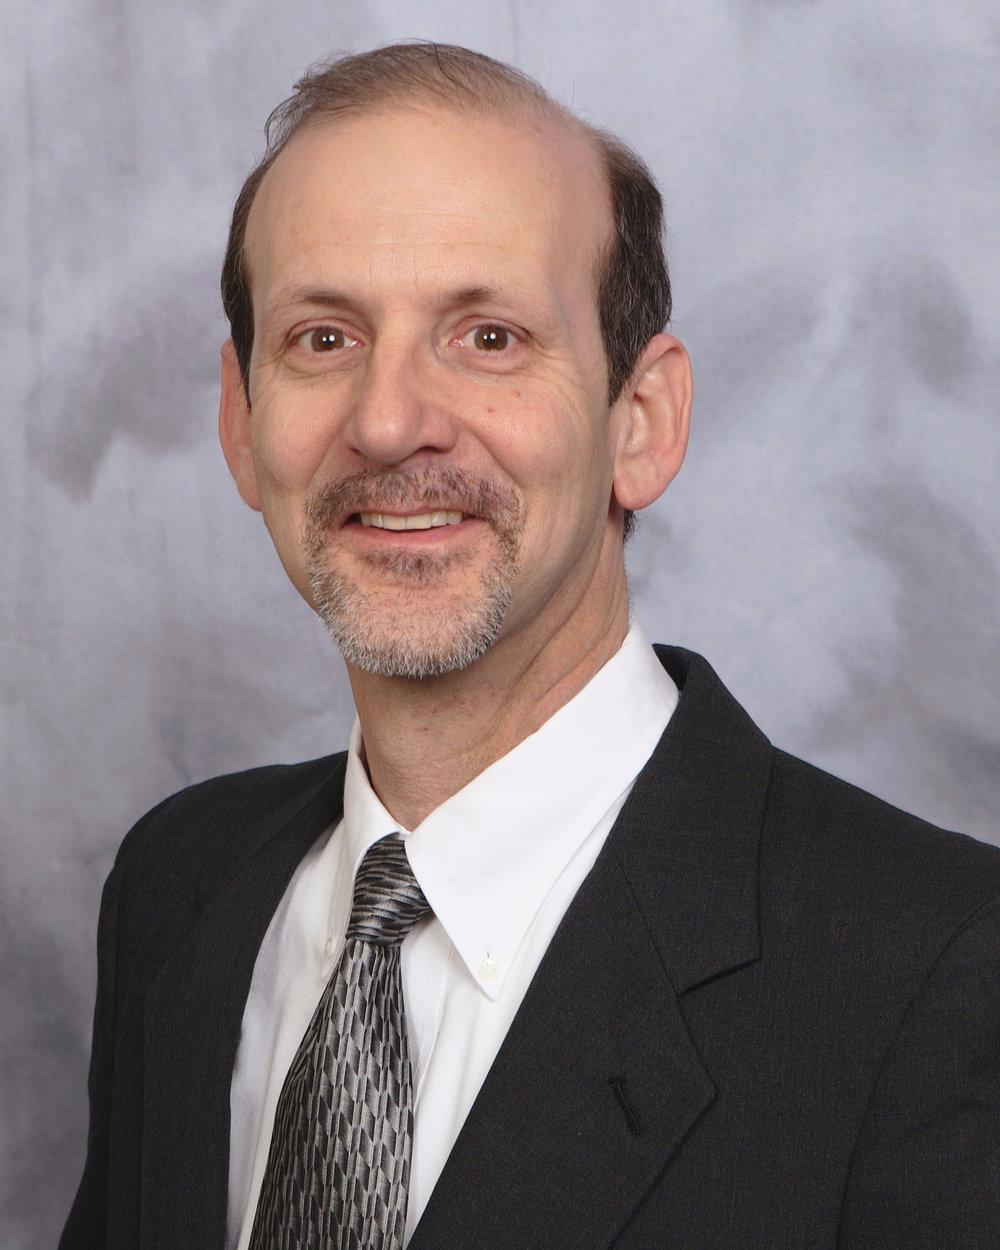 Mr. David Amir